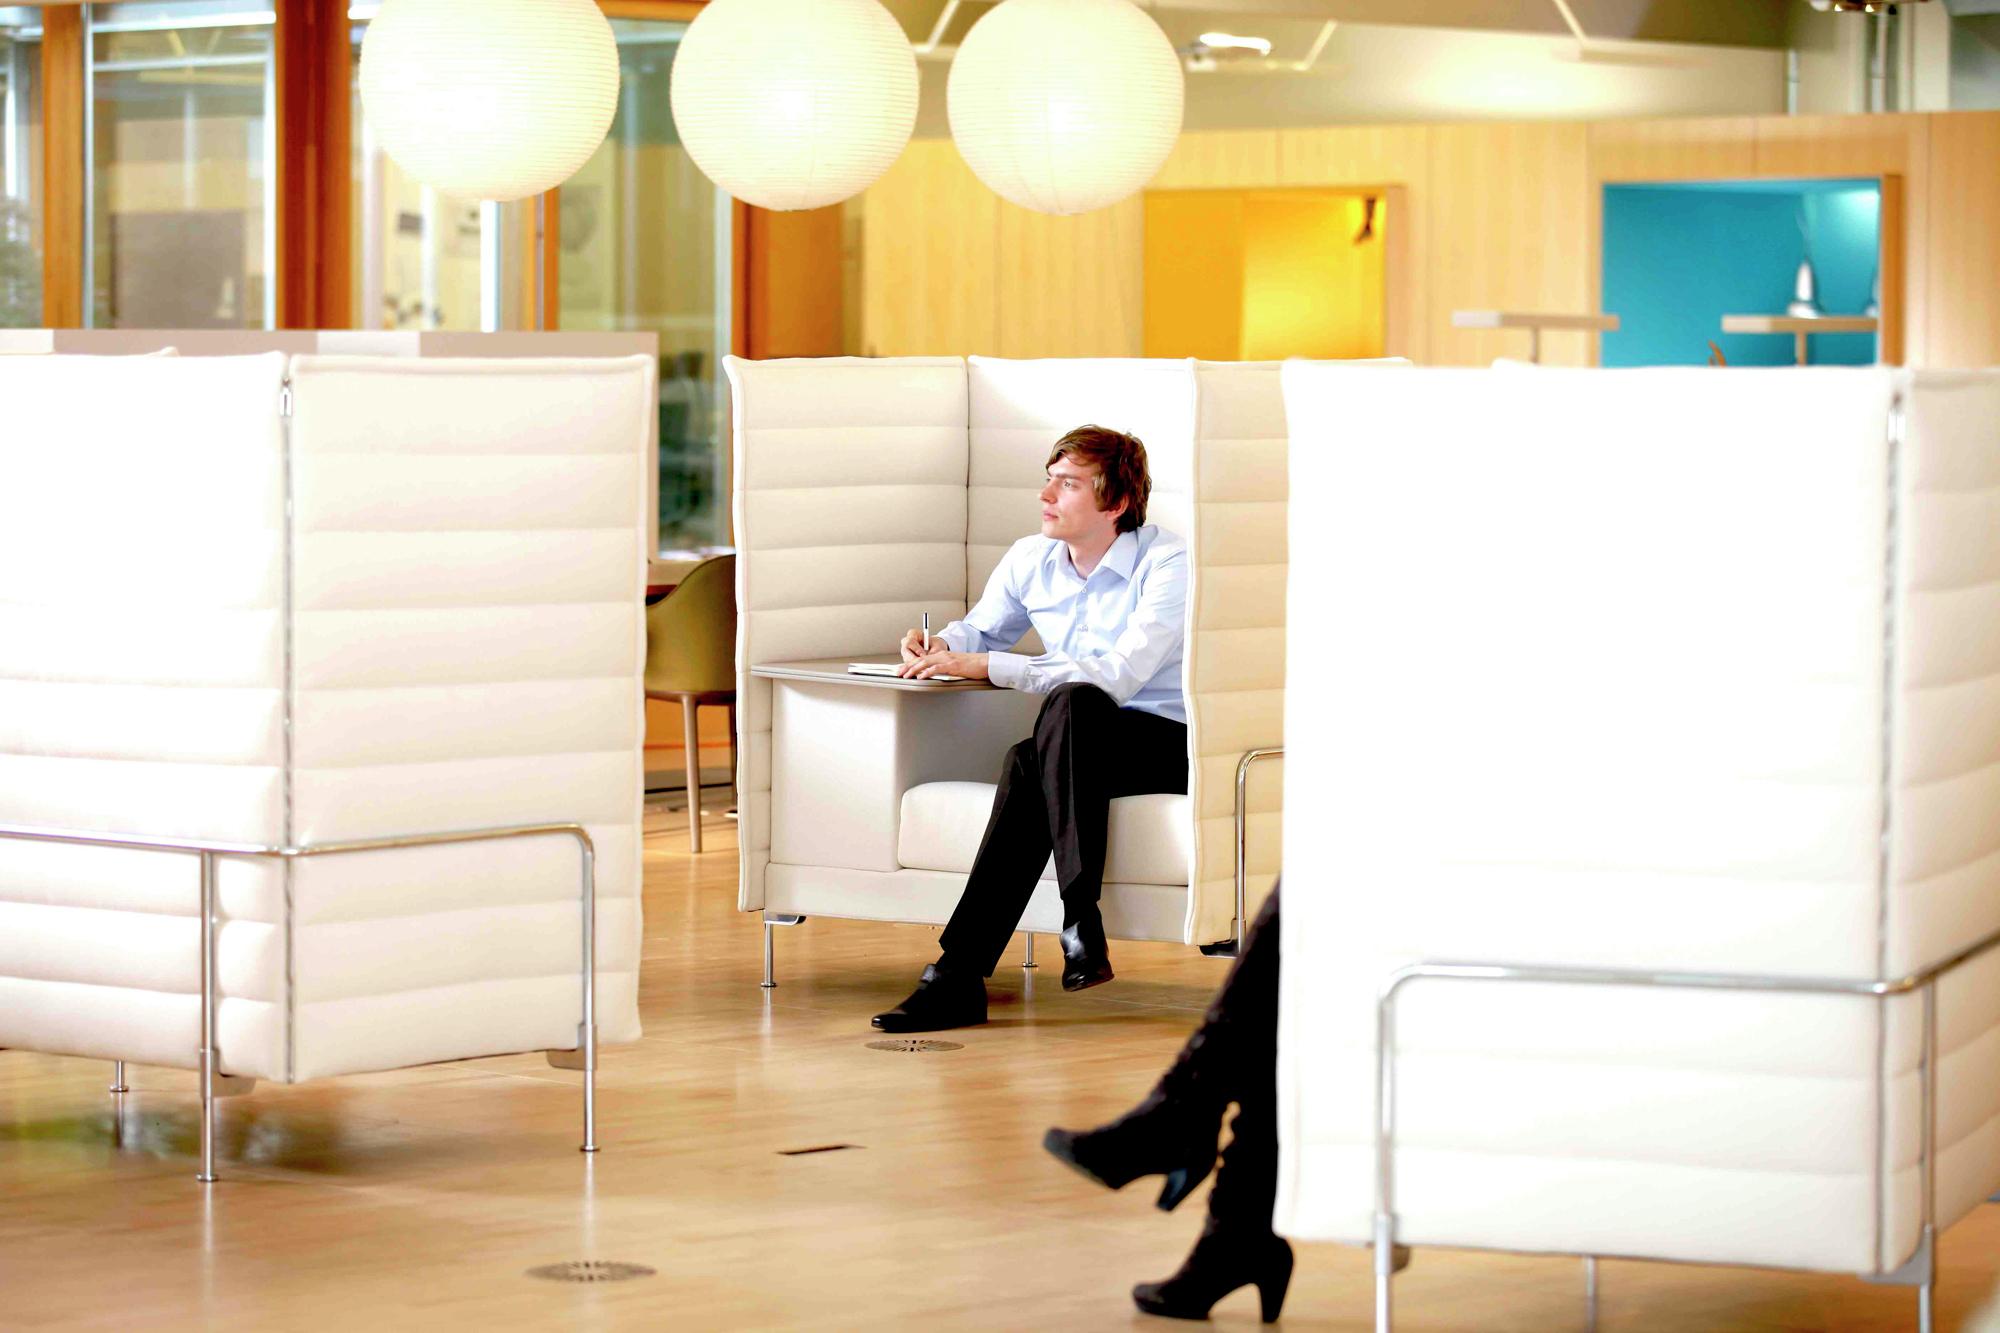 vitra citizen office. contemporary vitra the citizen office concept by vitra to _